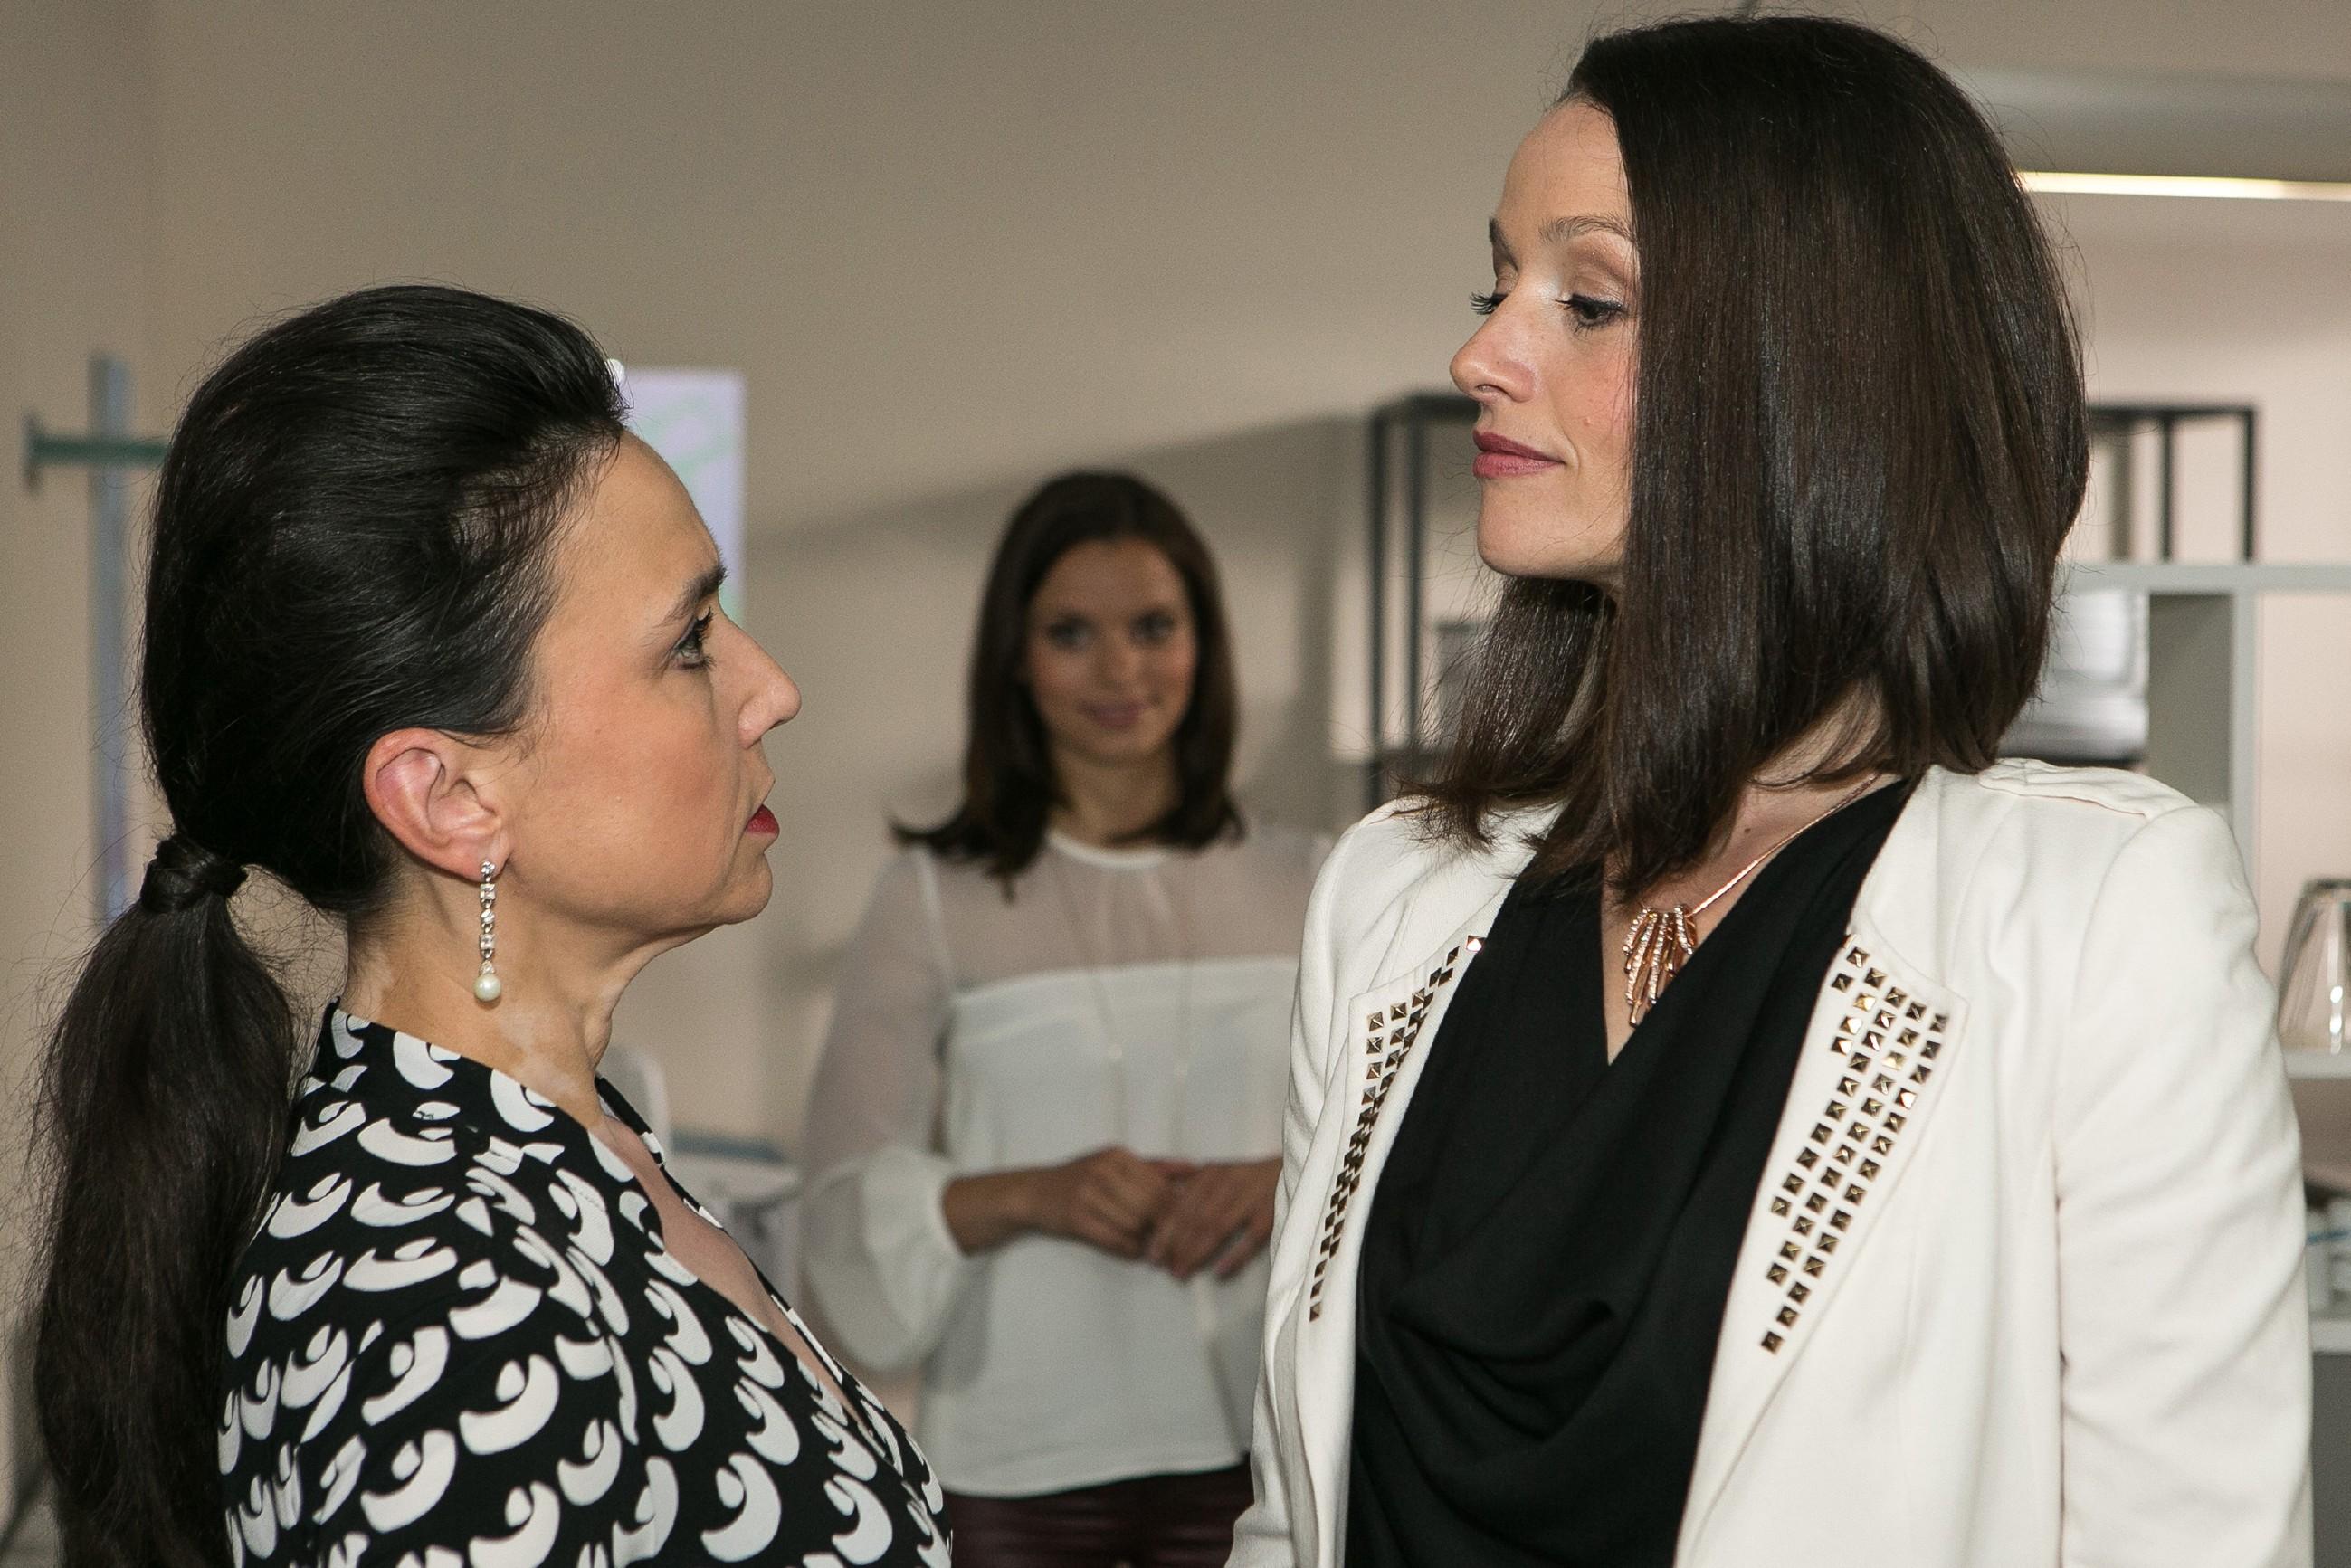 Michelle (Franziska Benz, hinten) bekommt bei einem Gespräch zwischen Simone (Tatjana Clasing, l.) und Jenny (Kaja Schmidt-Tychsen) mit, dass sie mit ihrer Aussage offenbar die Konkurrentin aus dem Weg geräumt hat. (Quelle: RTL / Kai Schulz)